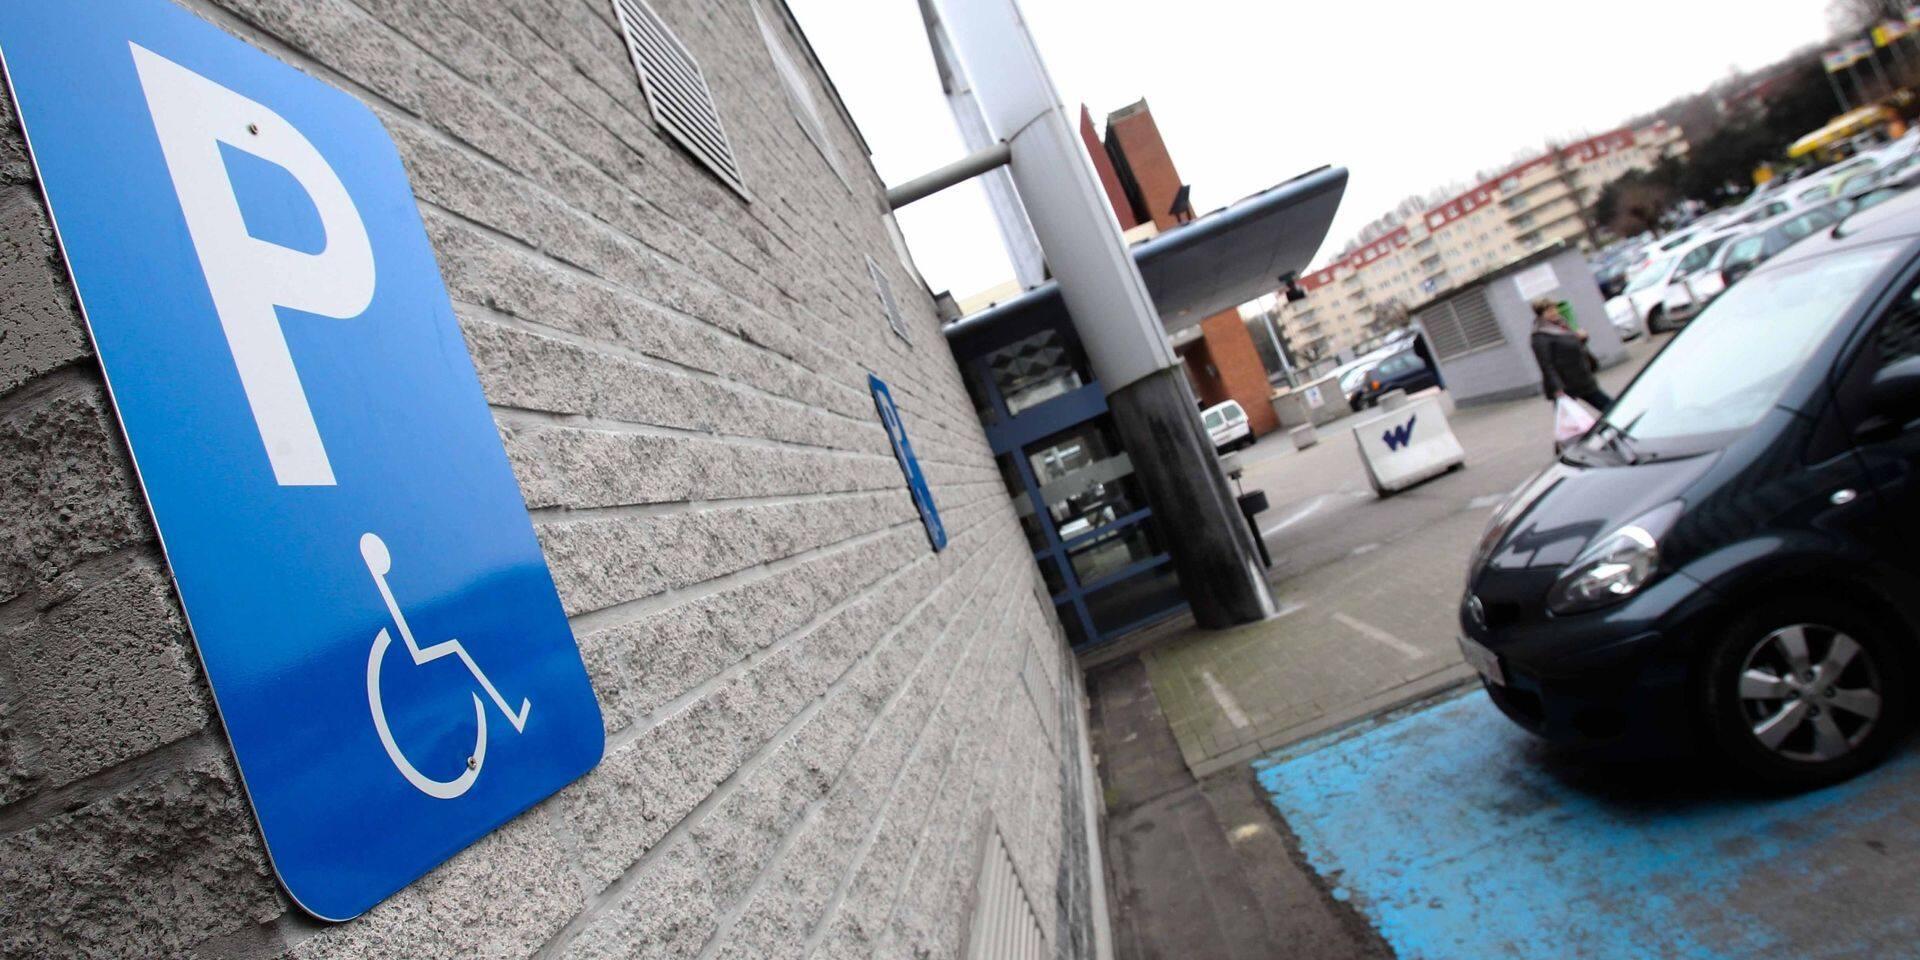 Plus de 8.500 PV à Bruxelles pour stationnement sur une place PMR